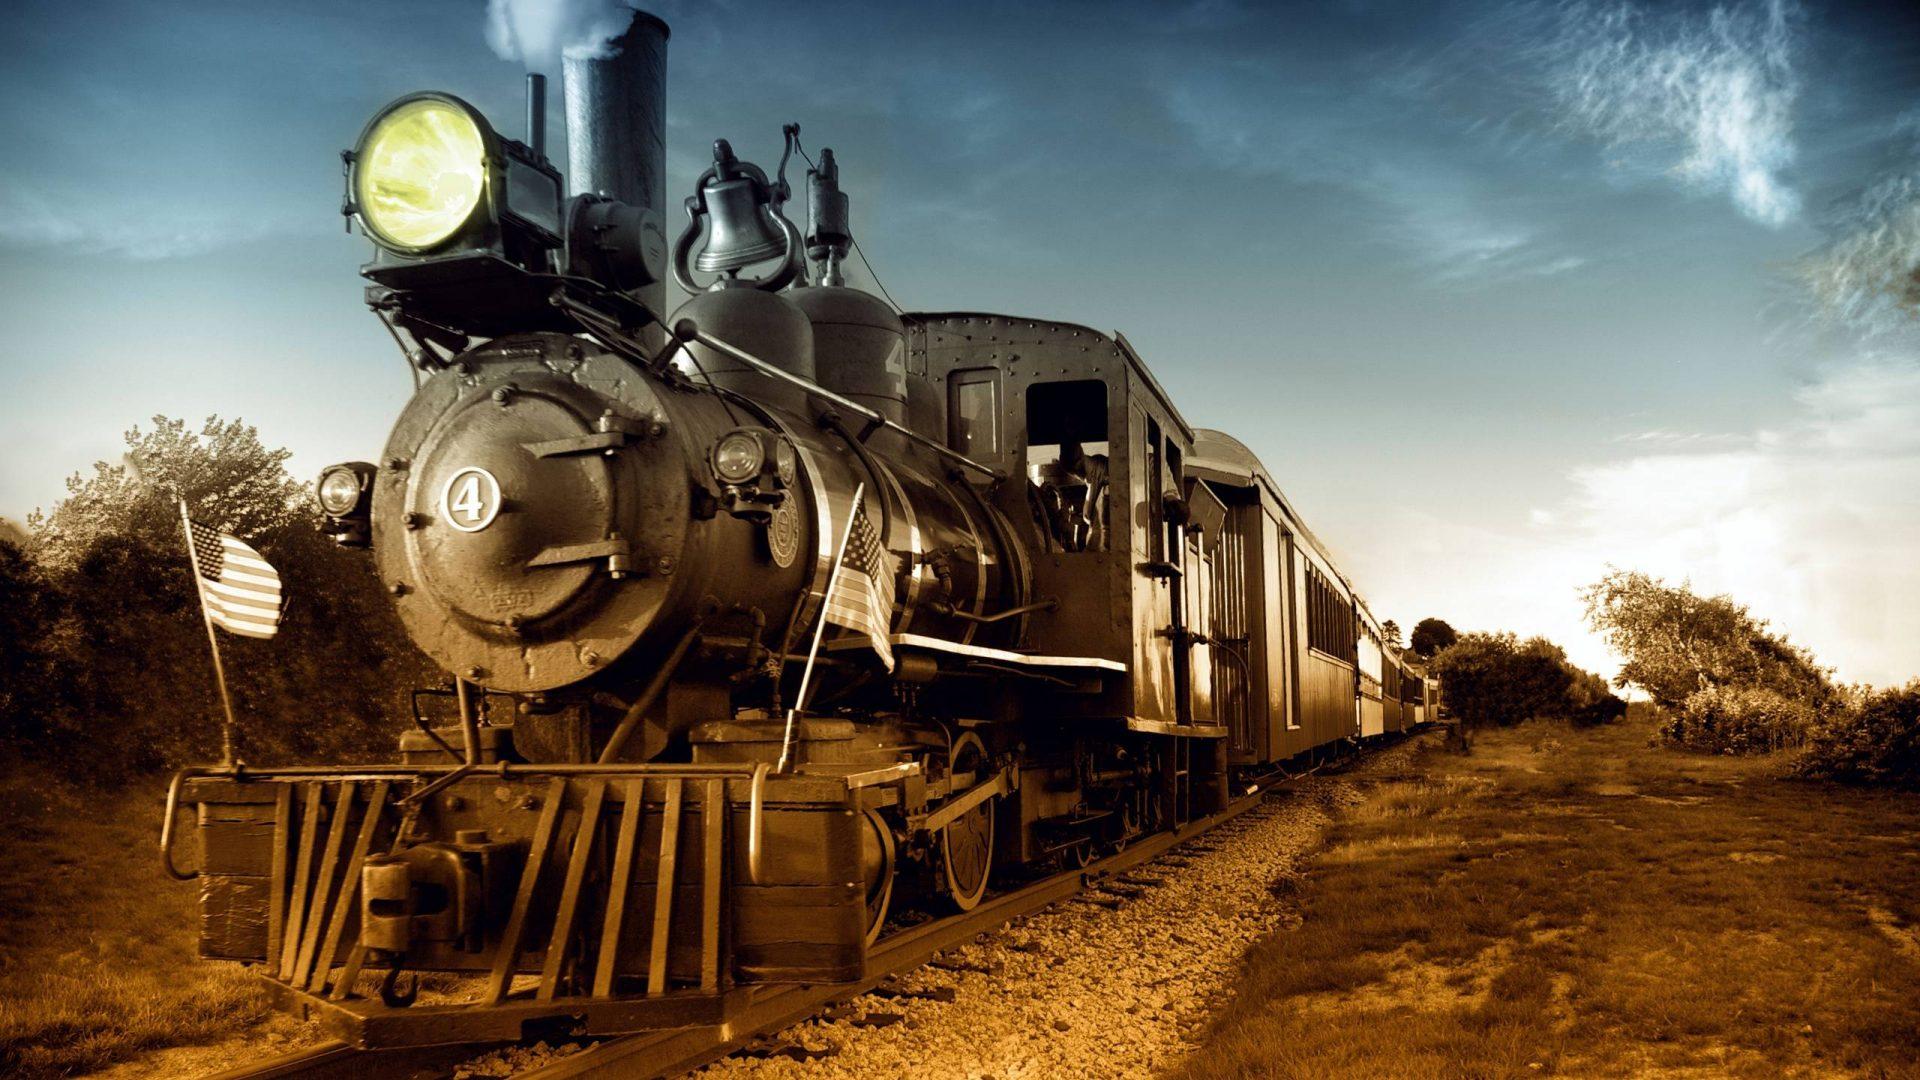 viaggiare in treno - gianluca ricci